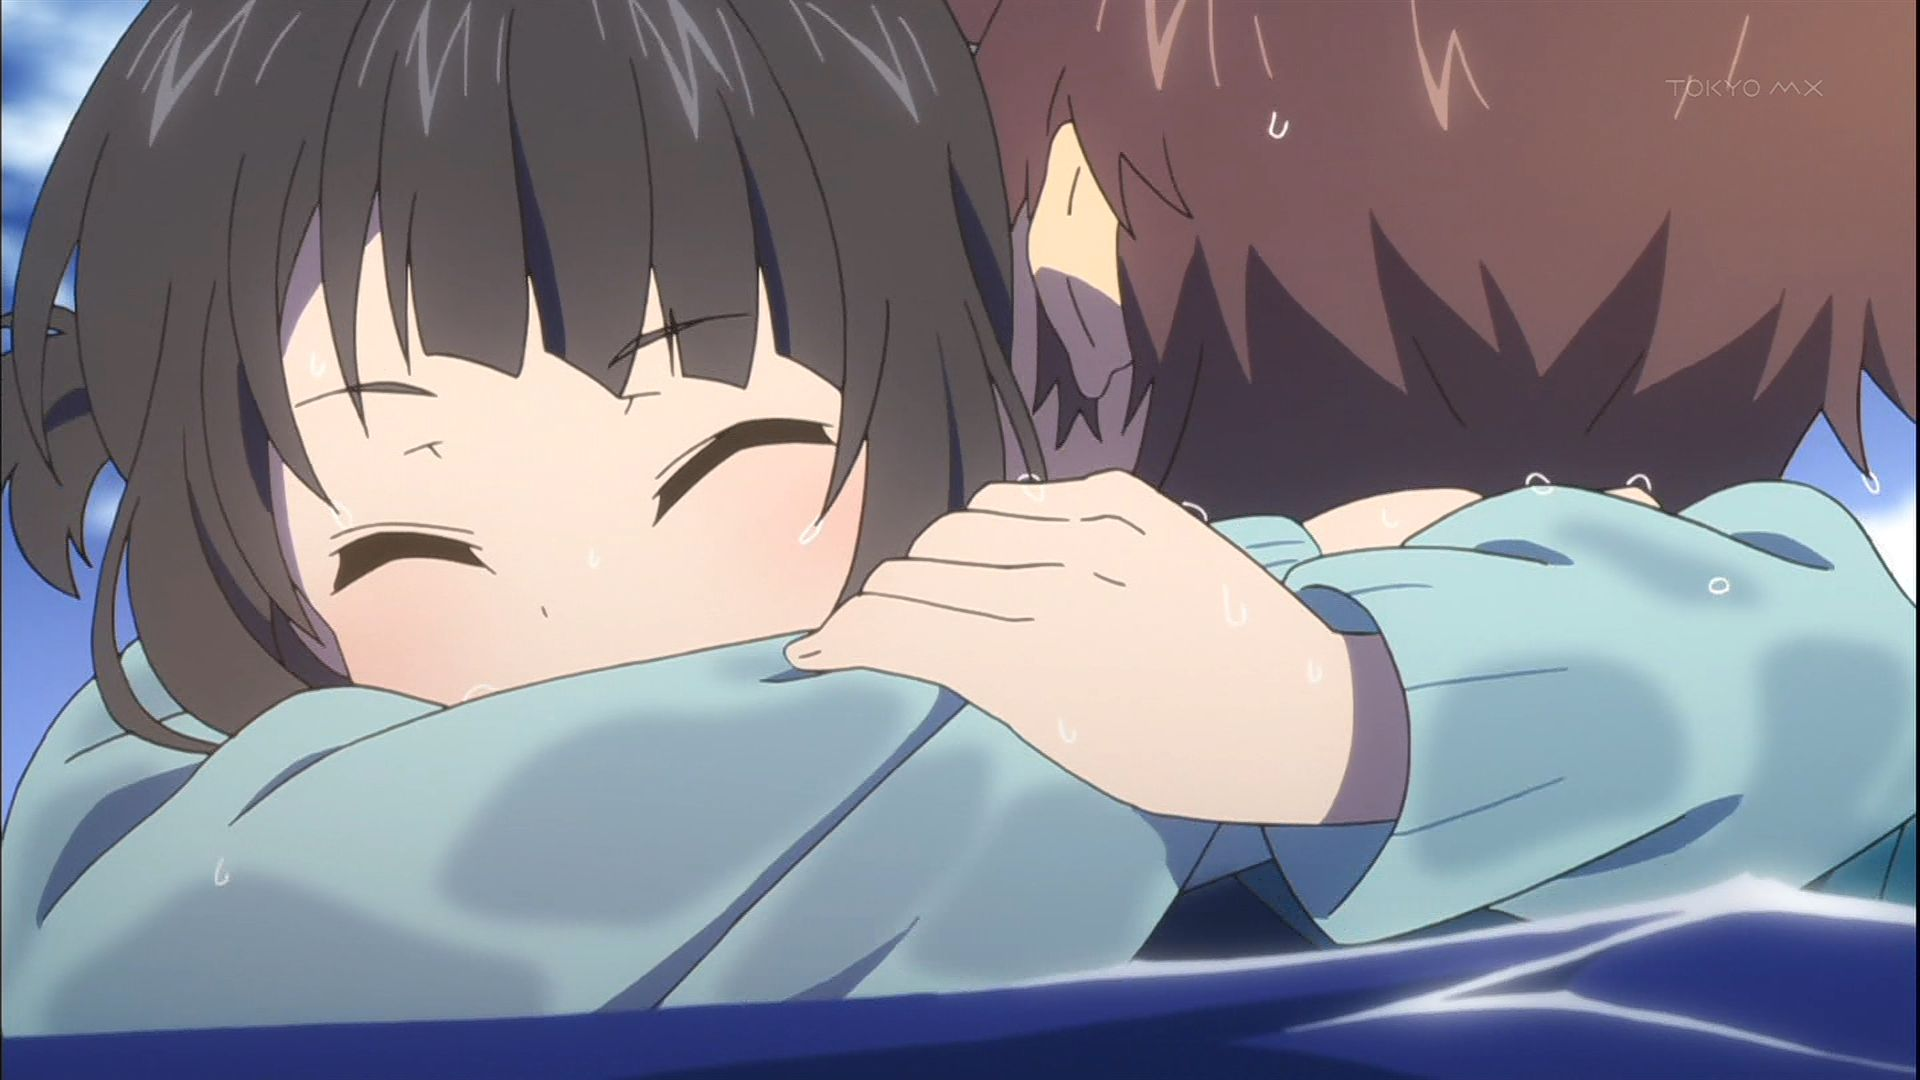 『凪のあすから』第16話・・・ここにきてハーフ設定が!!美海ちゃんきゃわきゃわ! そして奴もきたあああああ